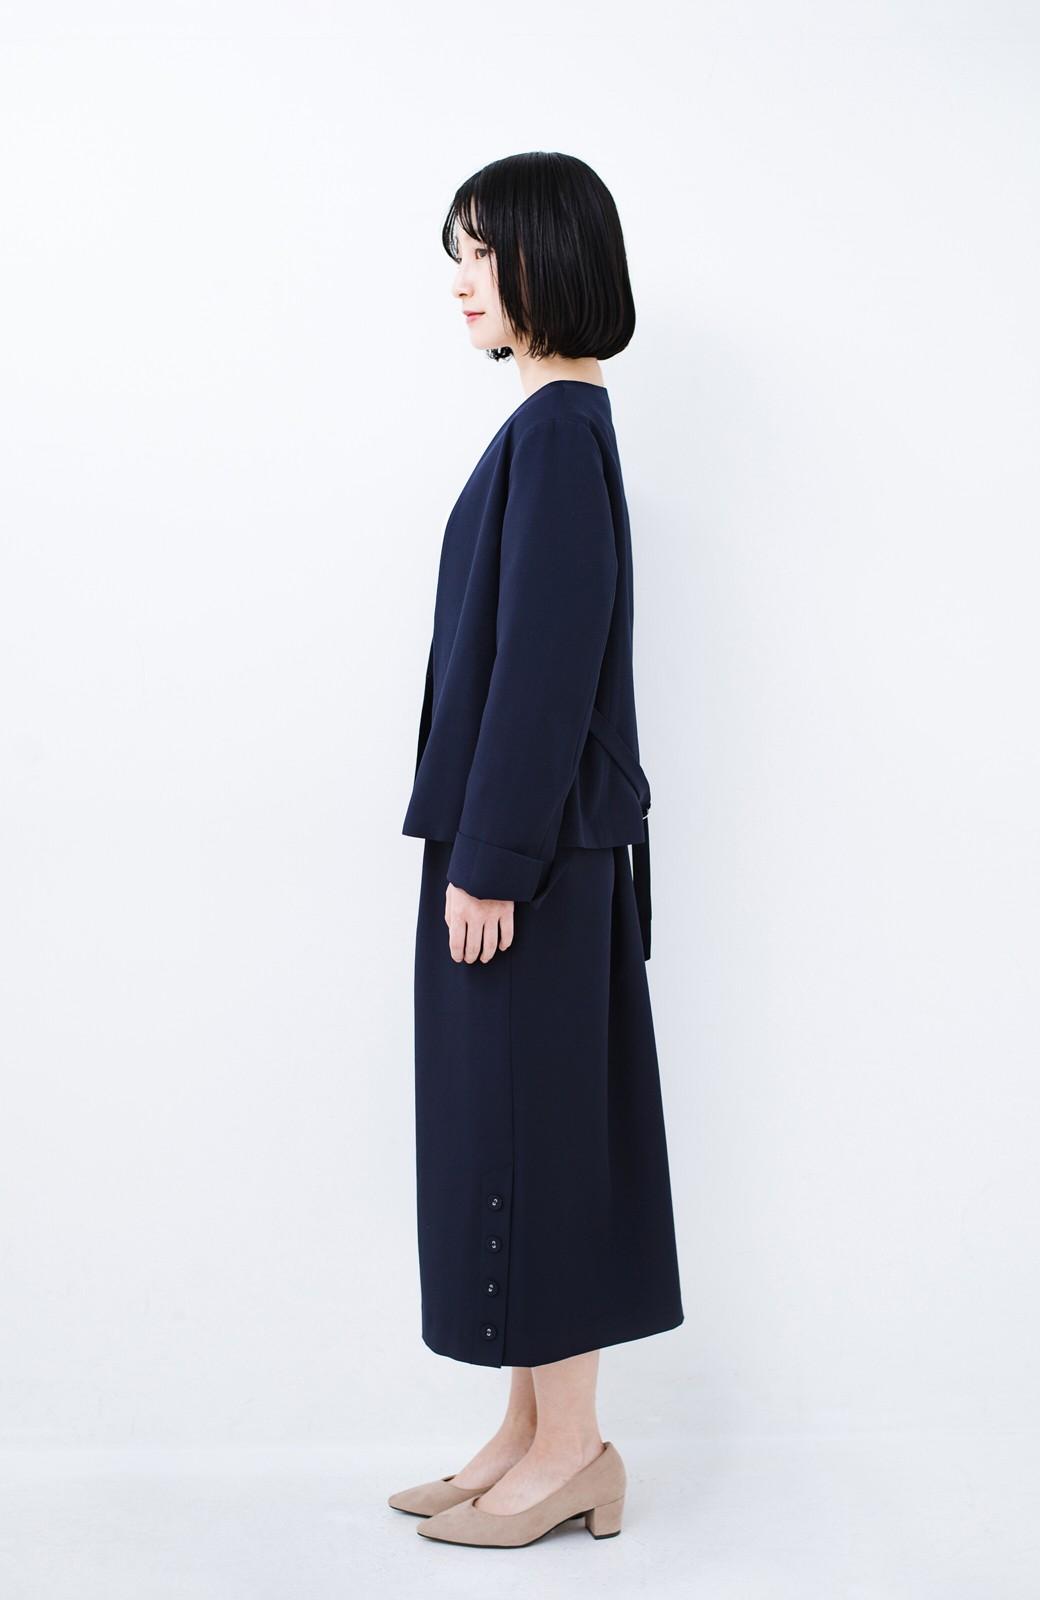 haco! 持っていると便利な野暮ったくならないフォーマルジャケット・スカートの2点セット <ダークネイビー>の商品写真6